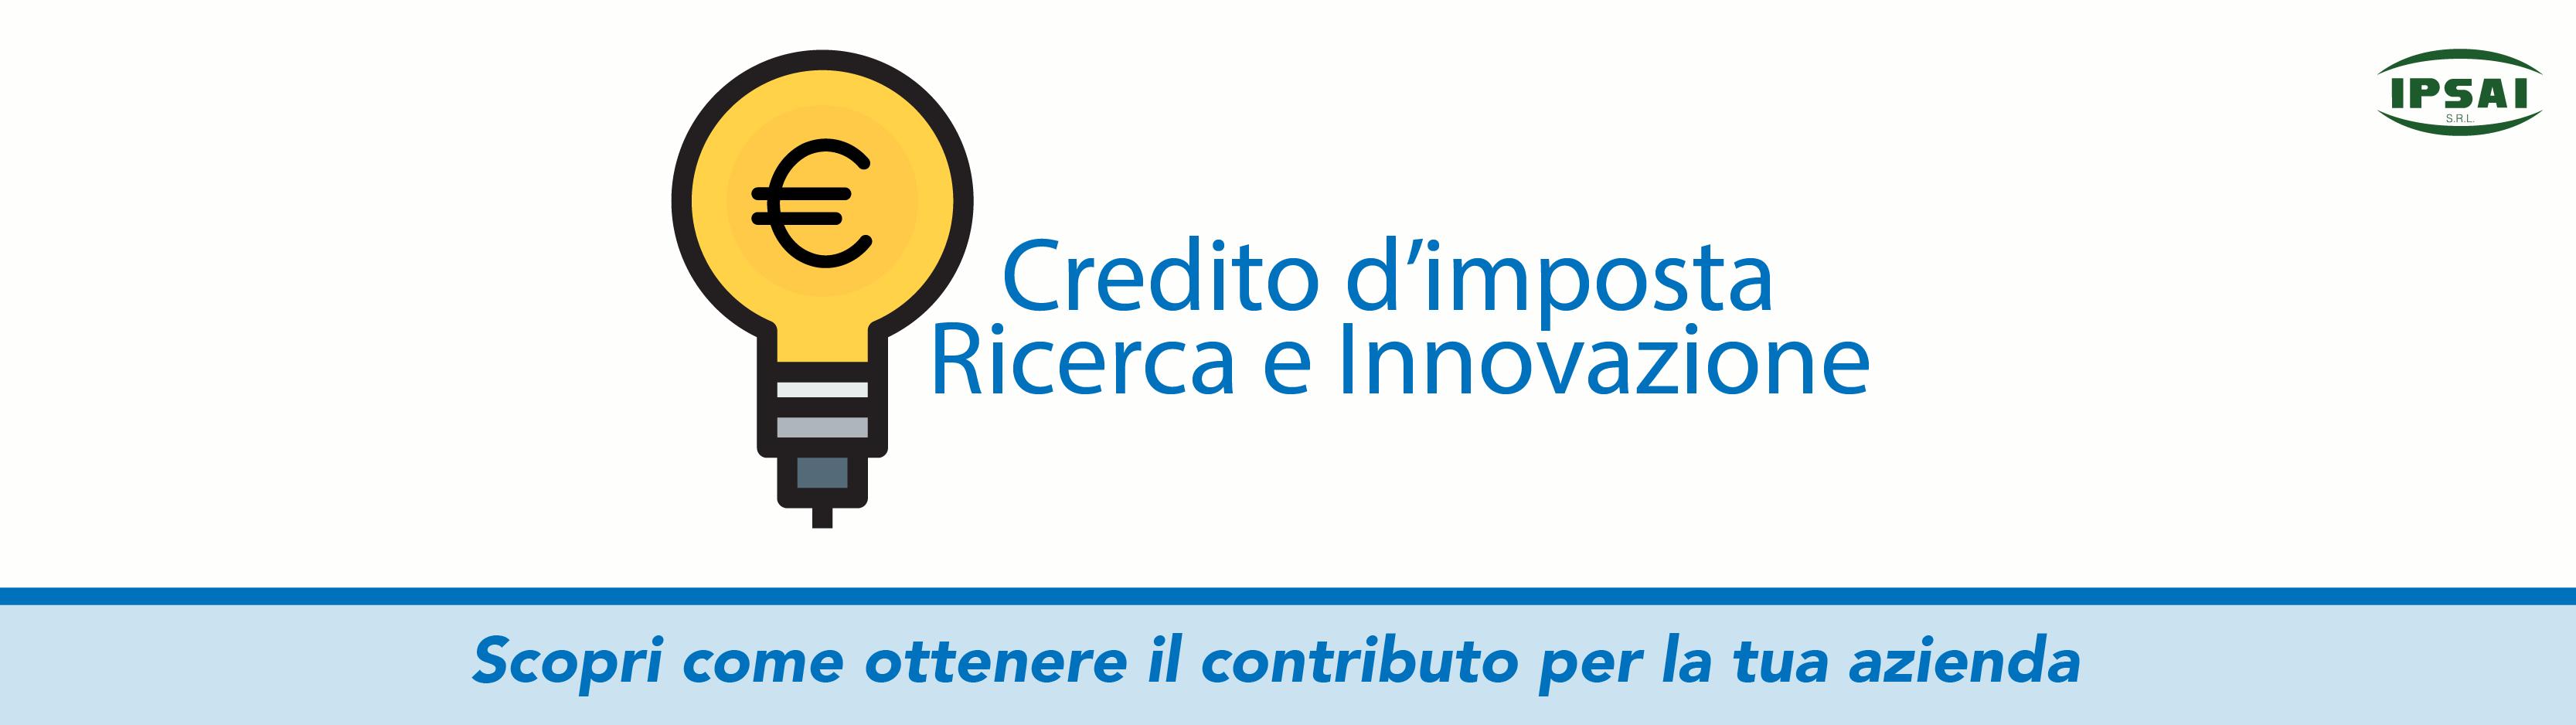 Credito d'imposta - Brescia